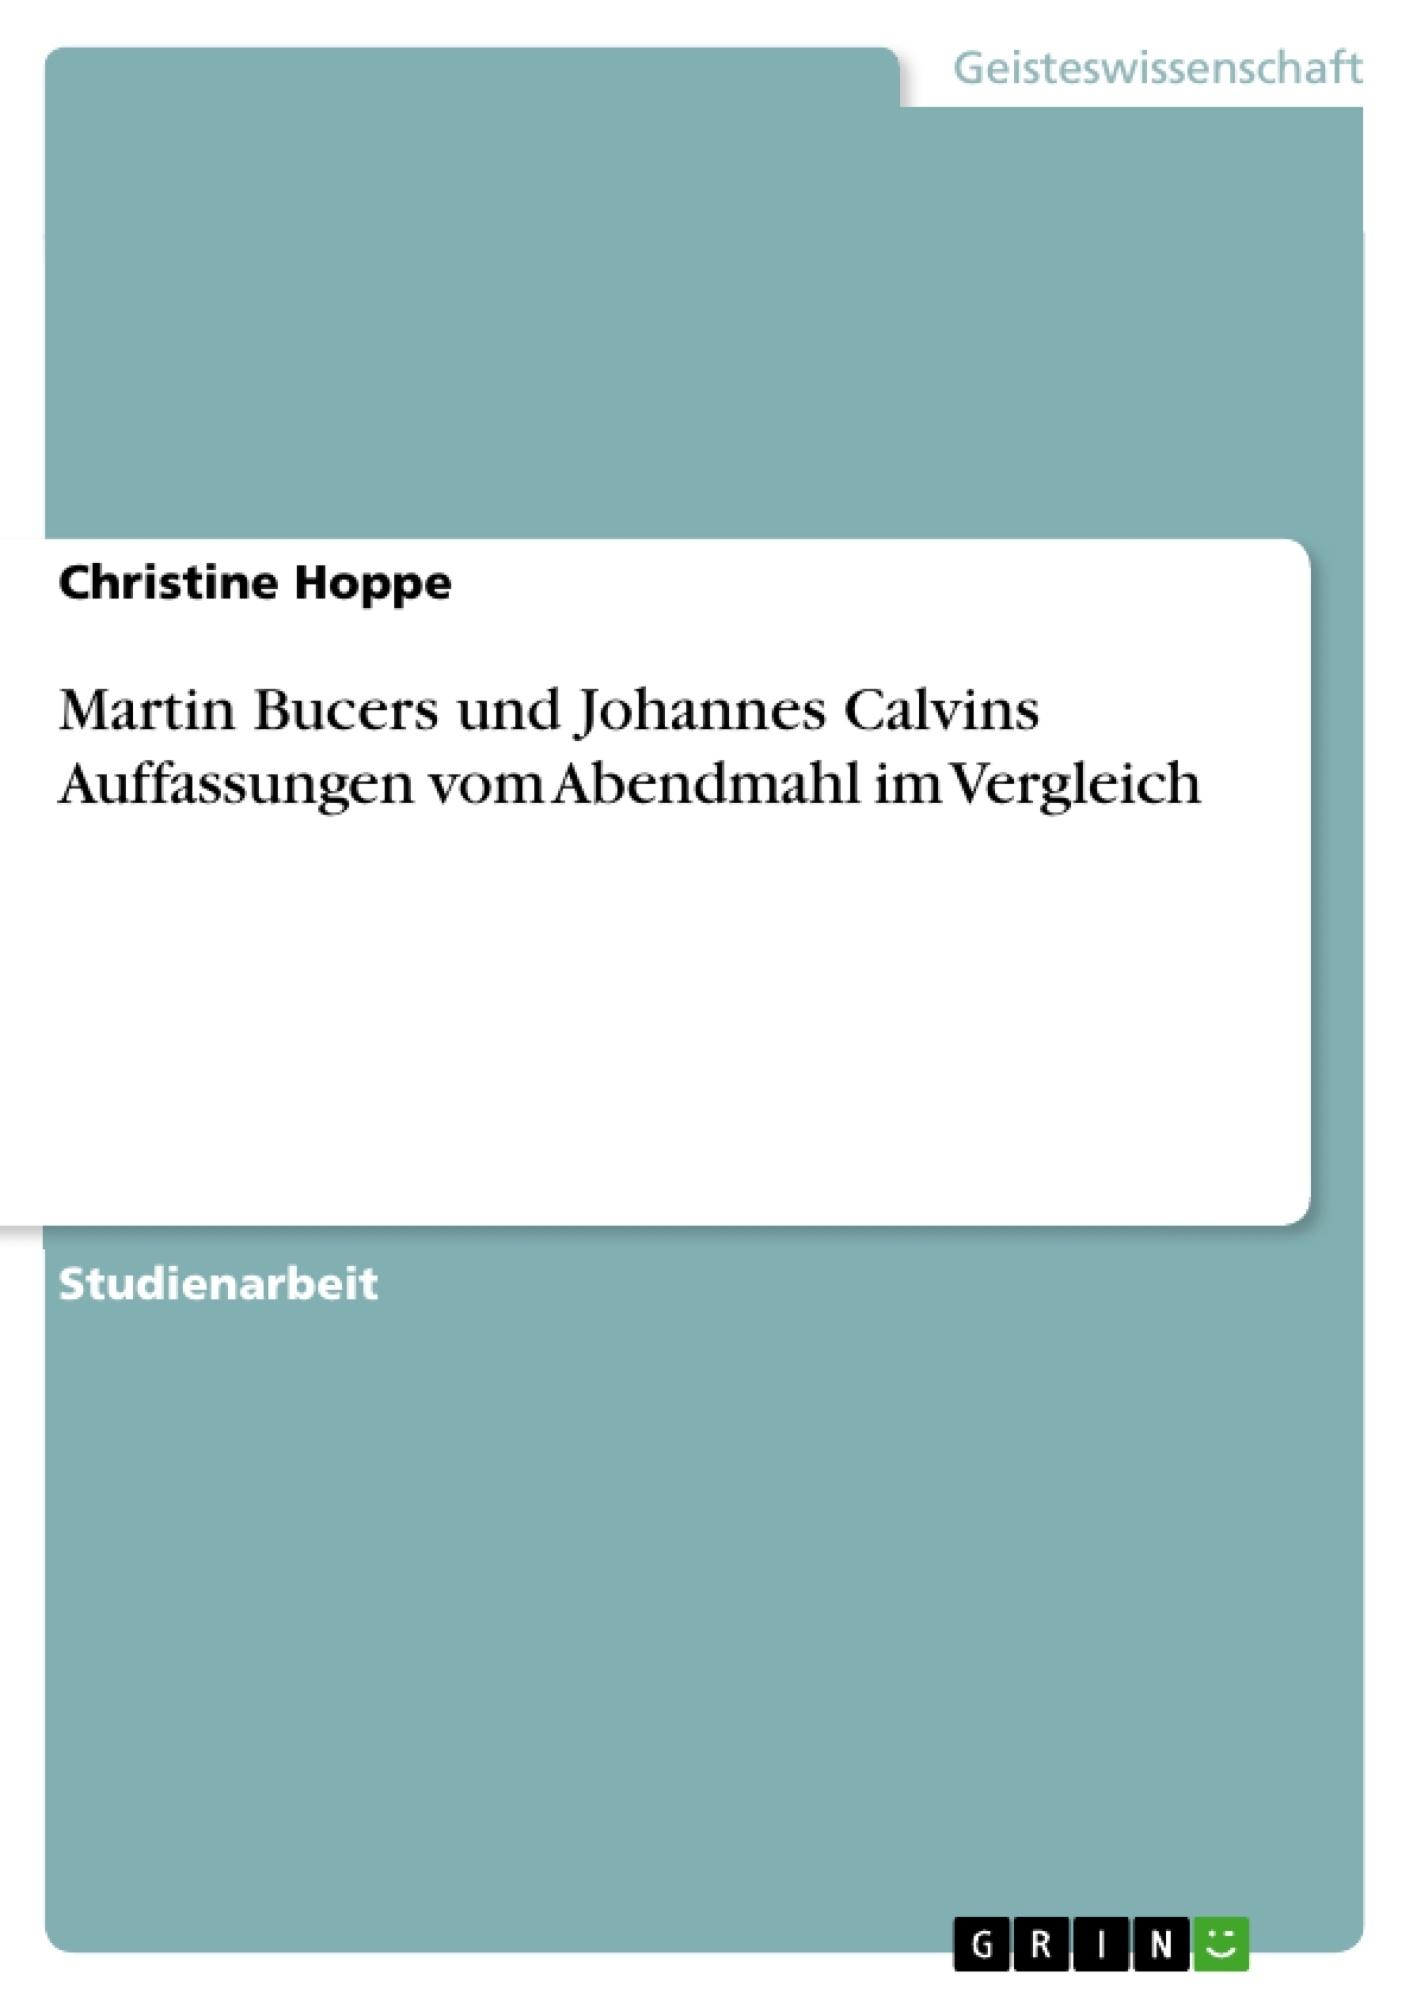 Titel: Martin Bucers und Johannes Calvins Auffassungen vom Abendmahl im Vergleich